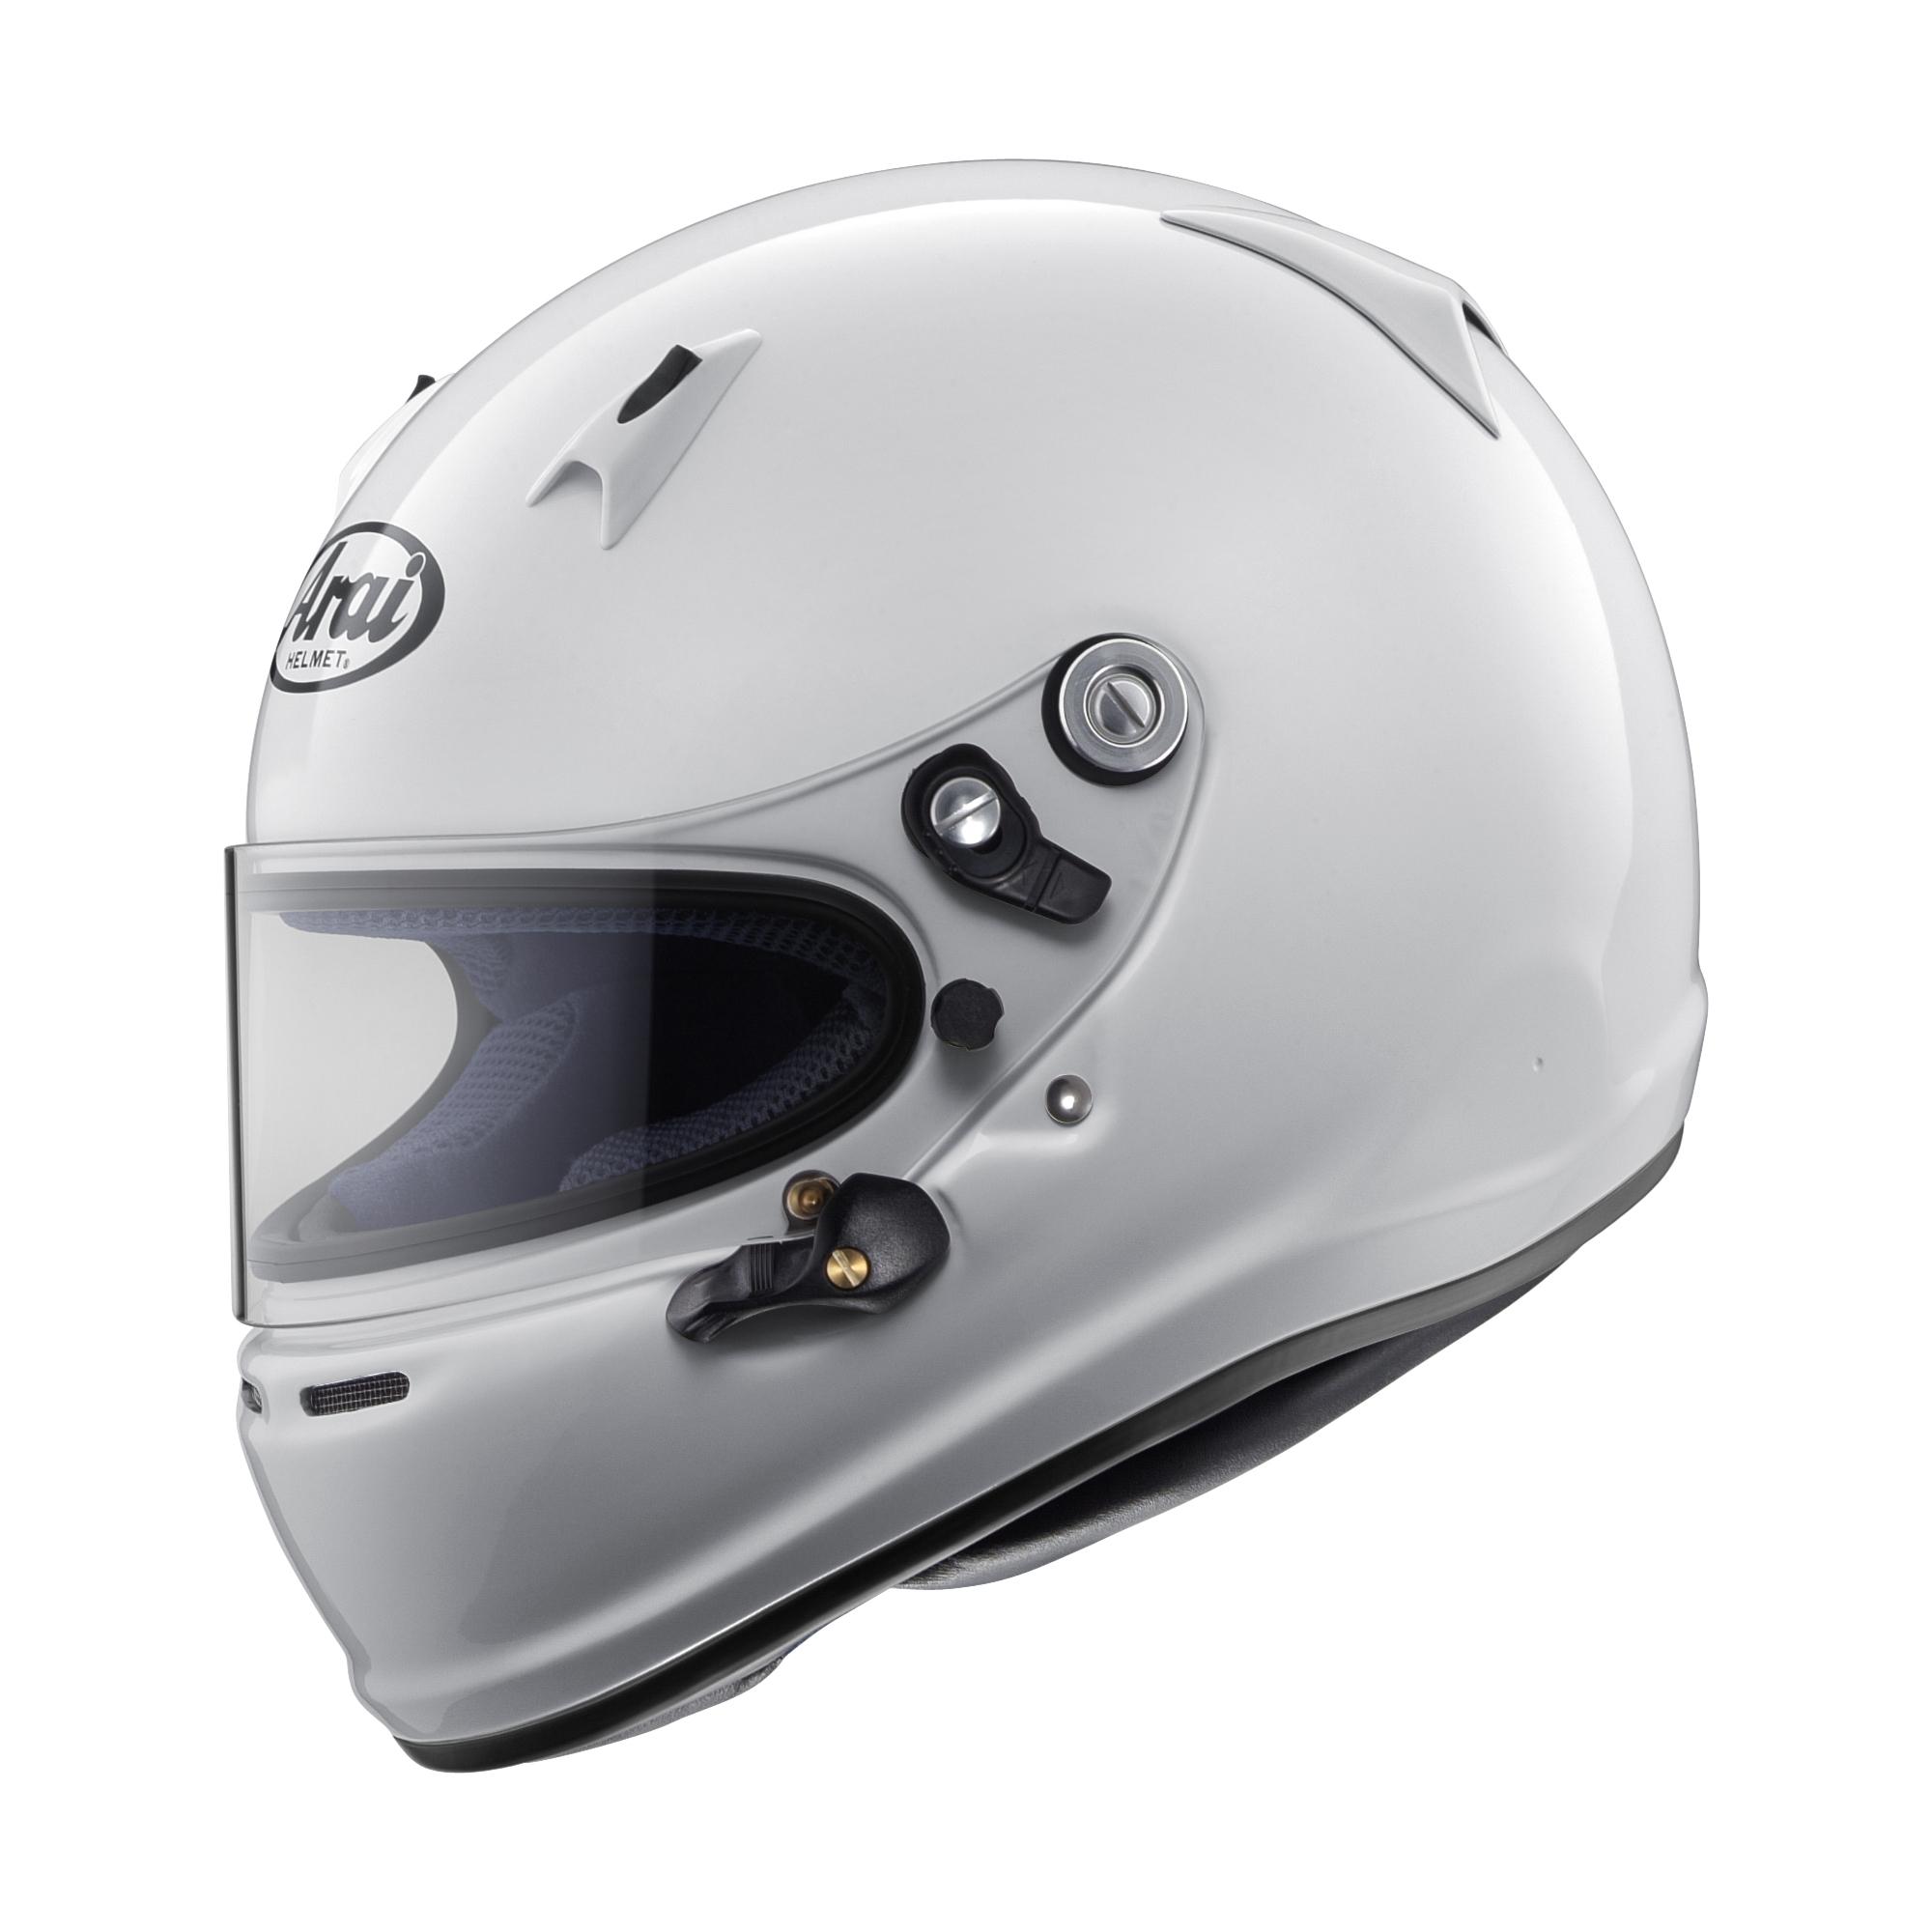 Arai Helmet 685311143570 Helmet, SK-6, Snell K 2015, White, X-Large, Each